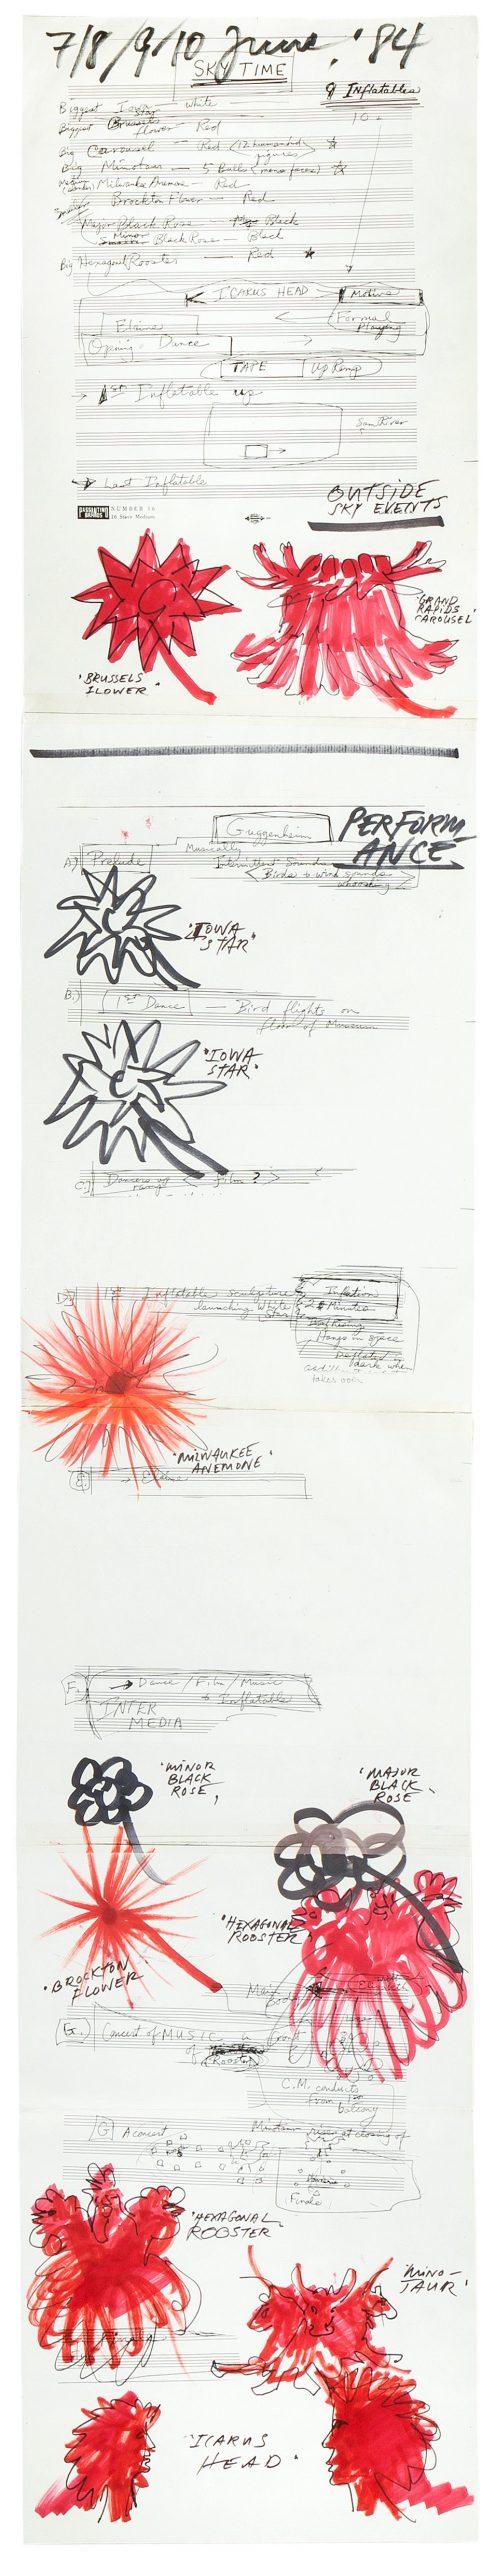 Otto Piene, Skydance / Skytime (Score for Guggenheim Sky Event), 1984, Collection ZERO foundation, Düsseldorf